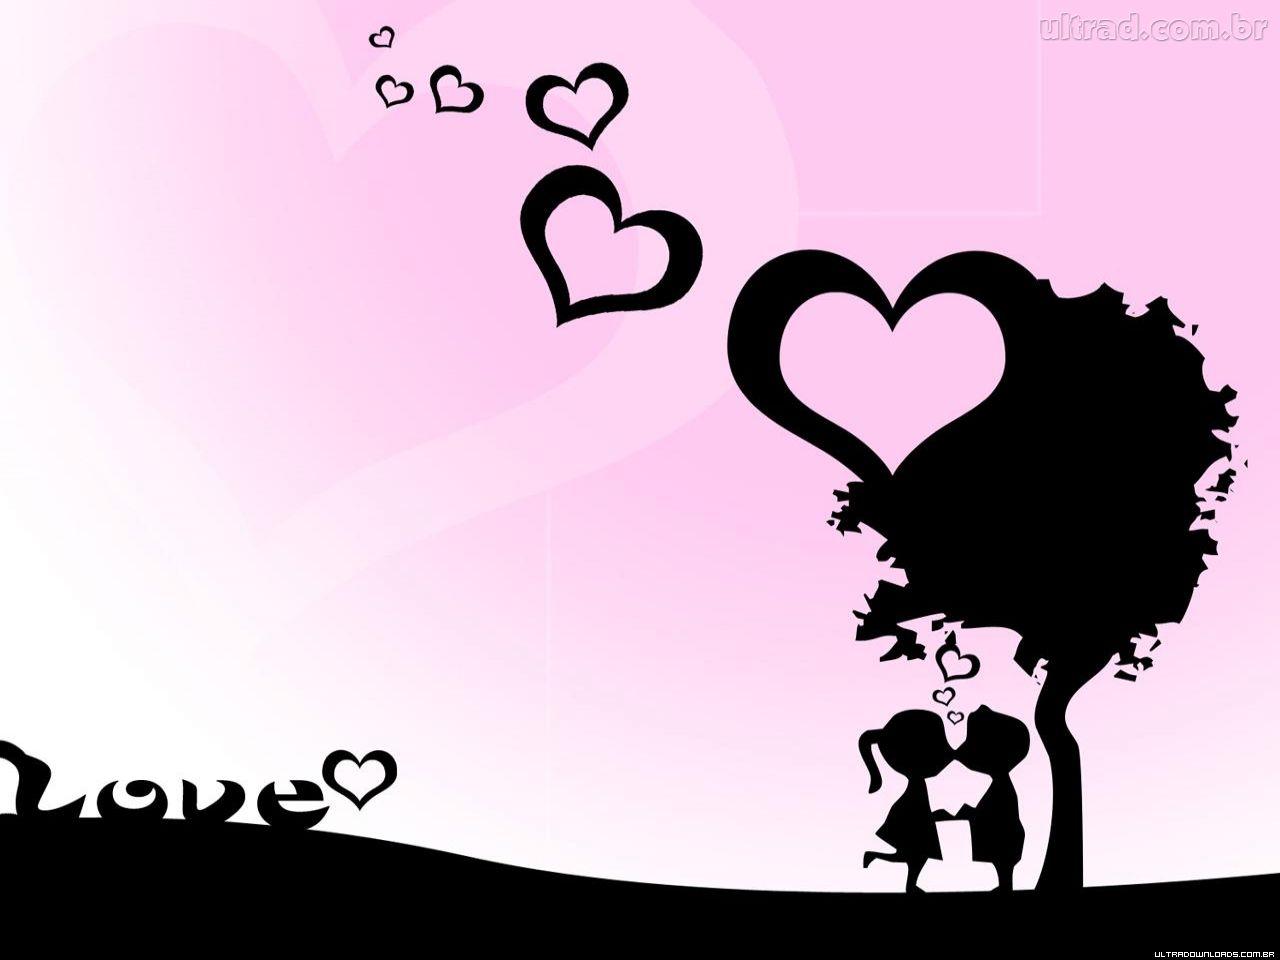 Papel De Parede Com Frases Romanticas